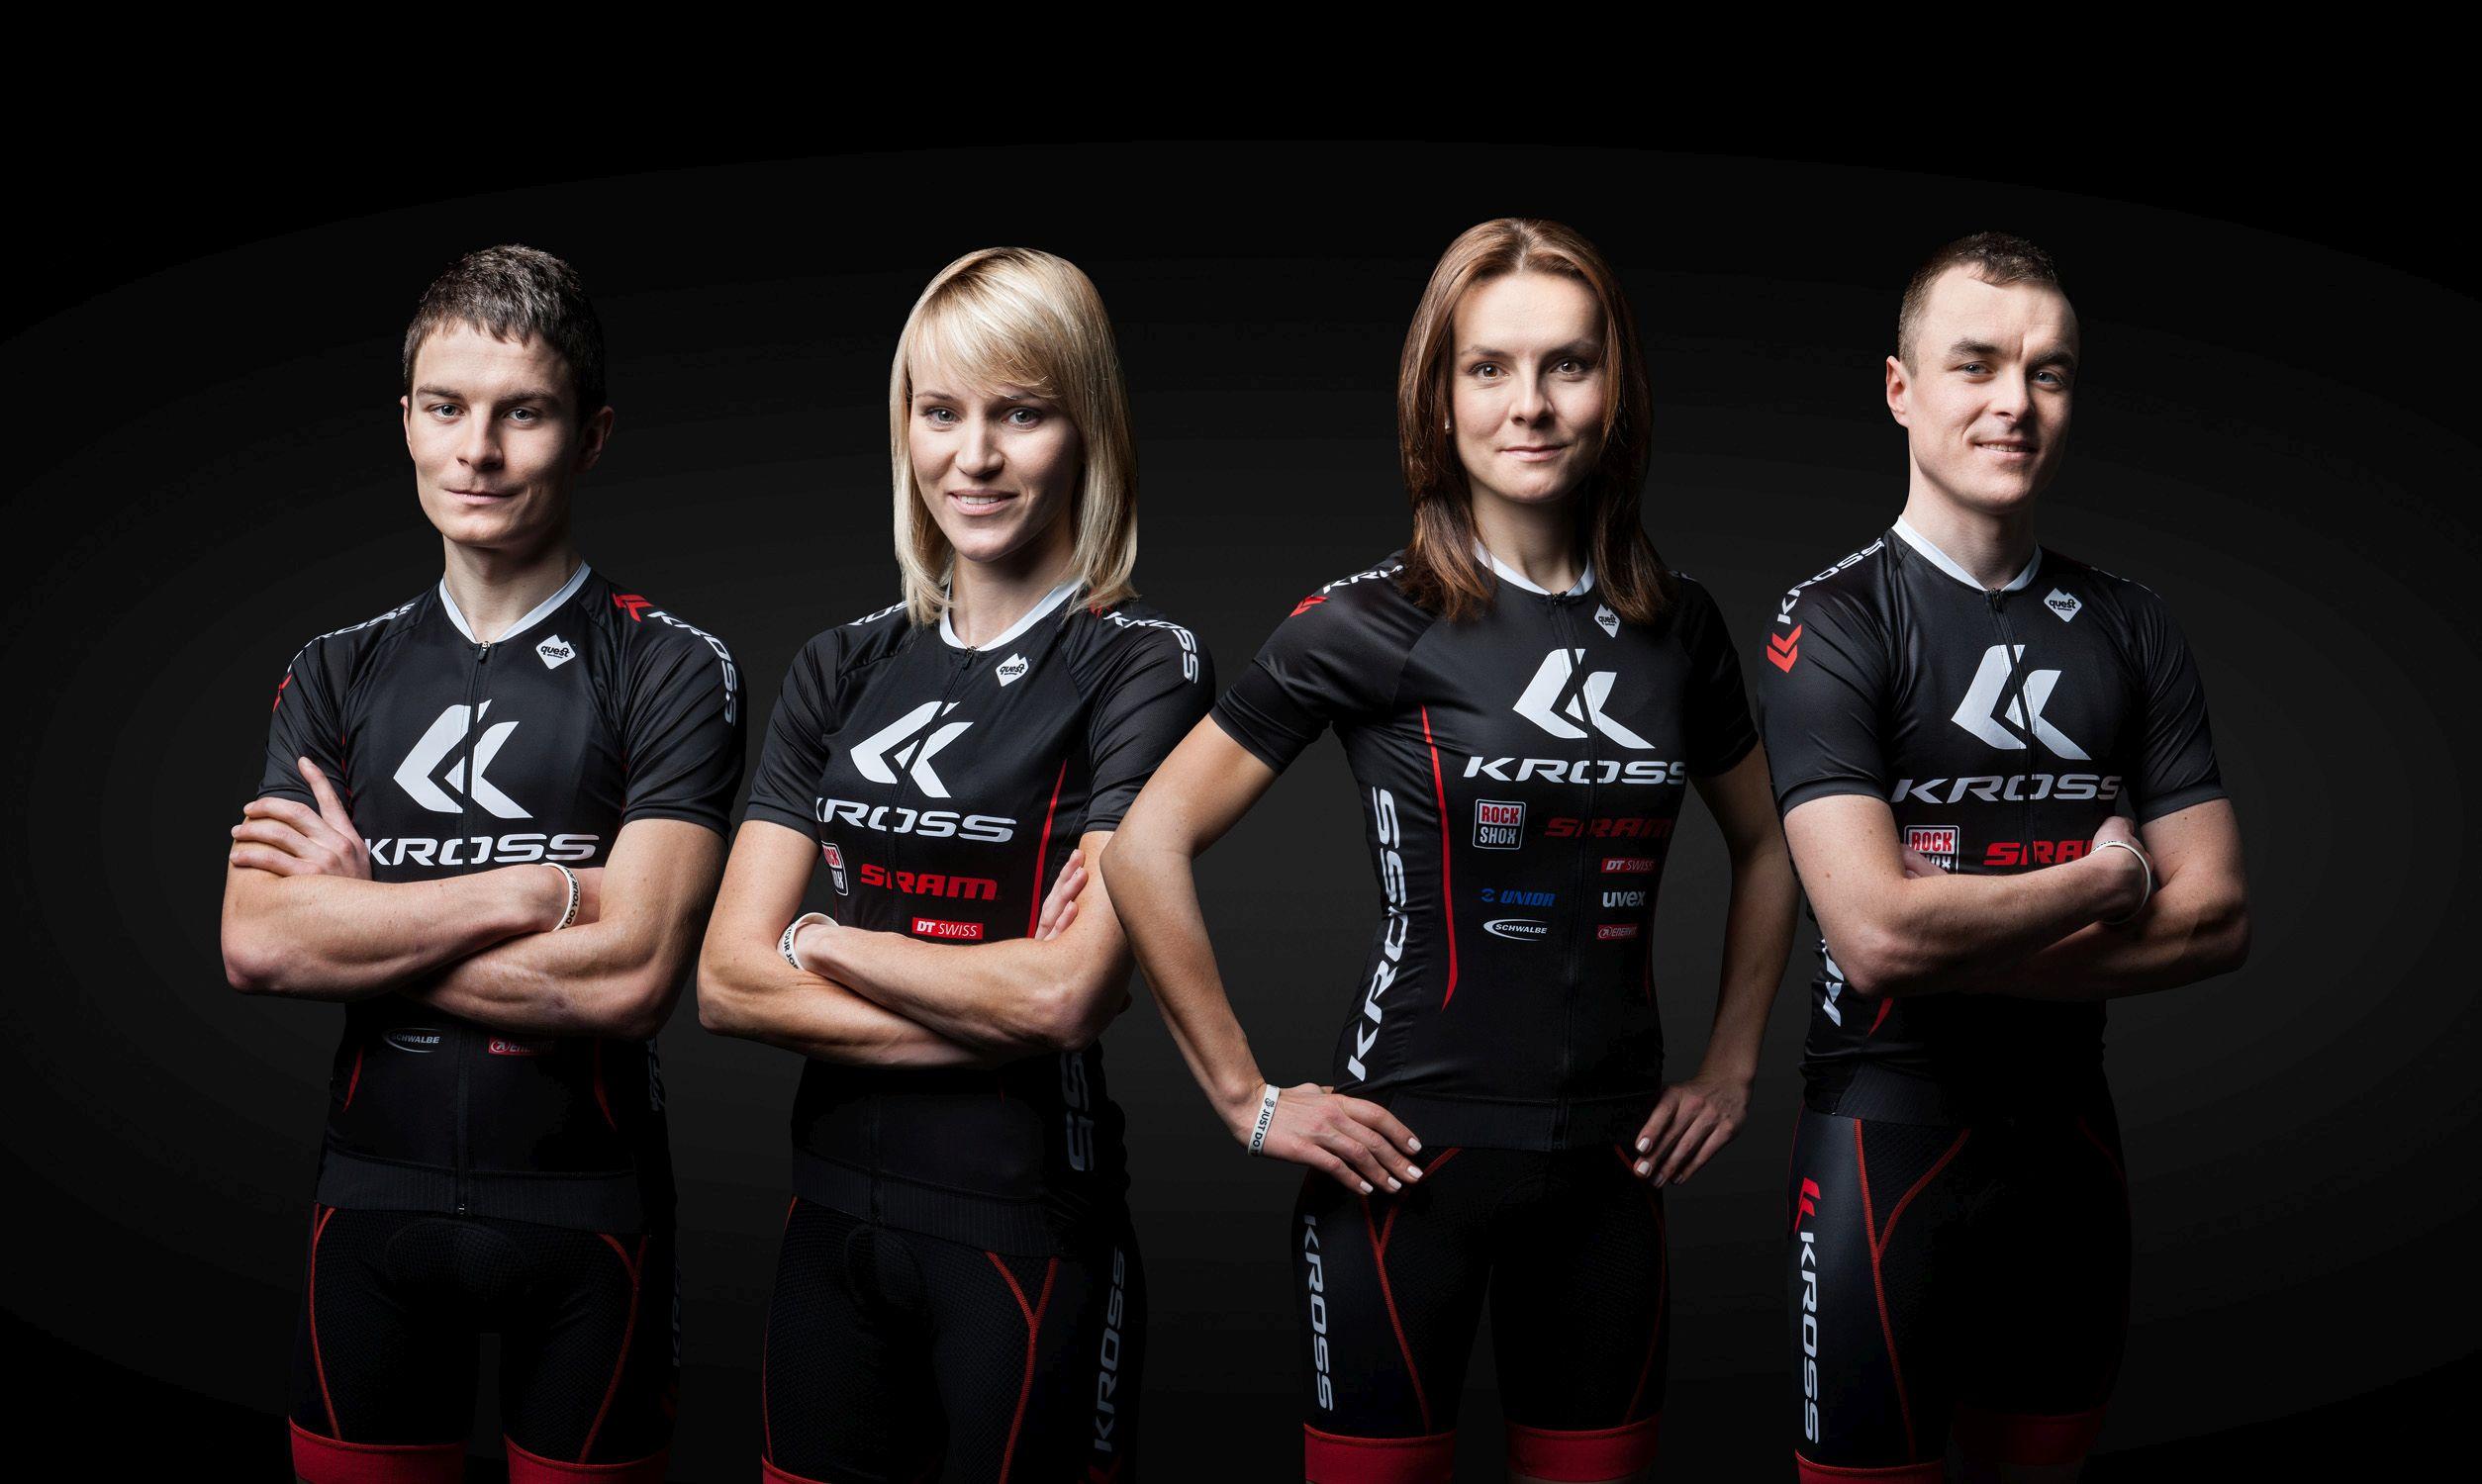 Włoszczowska i Wawak wzmacniają Kross Racing Team!